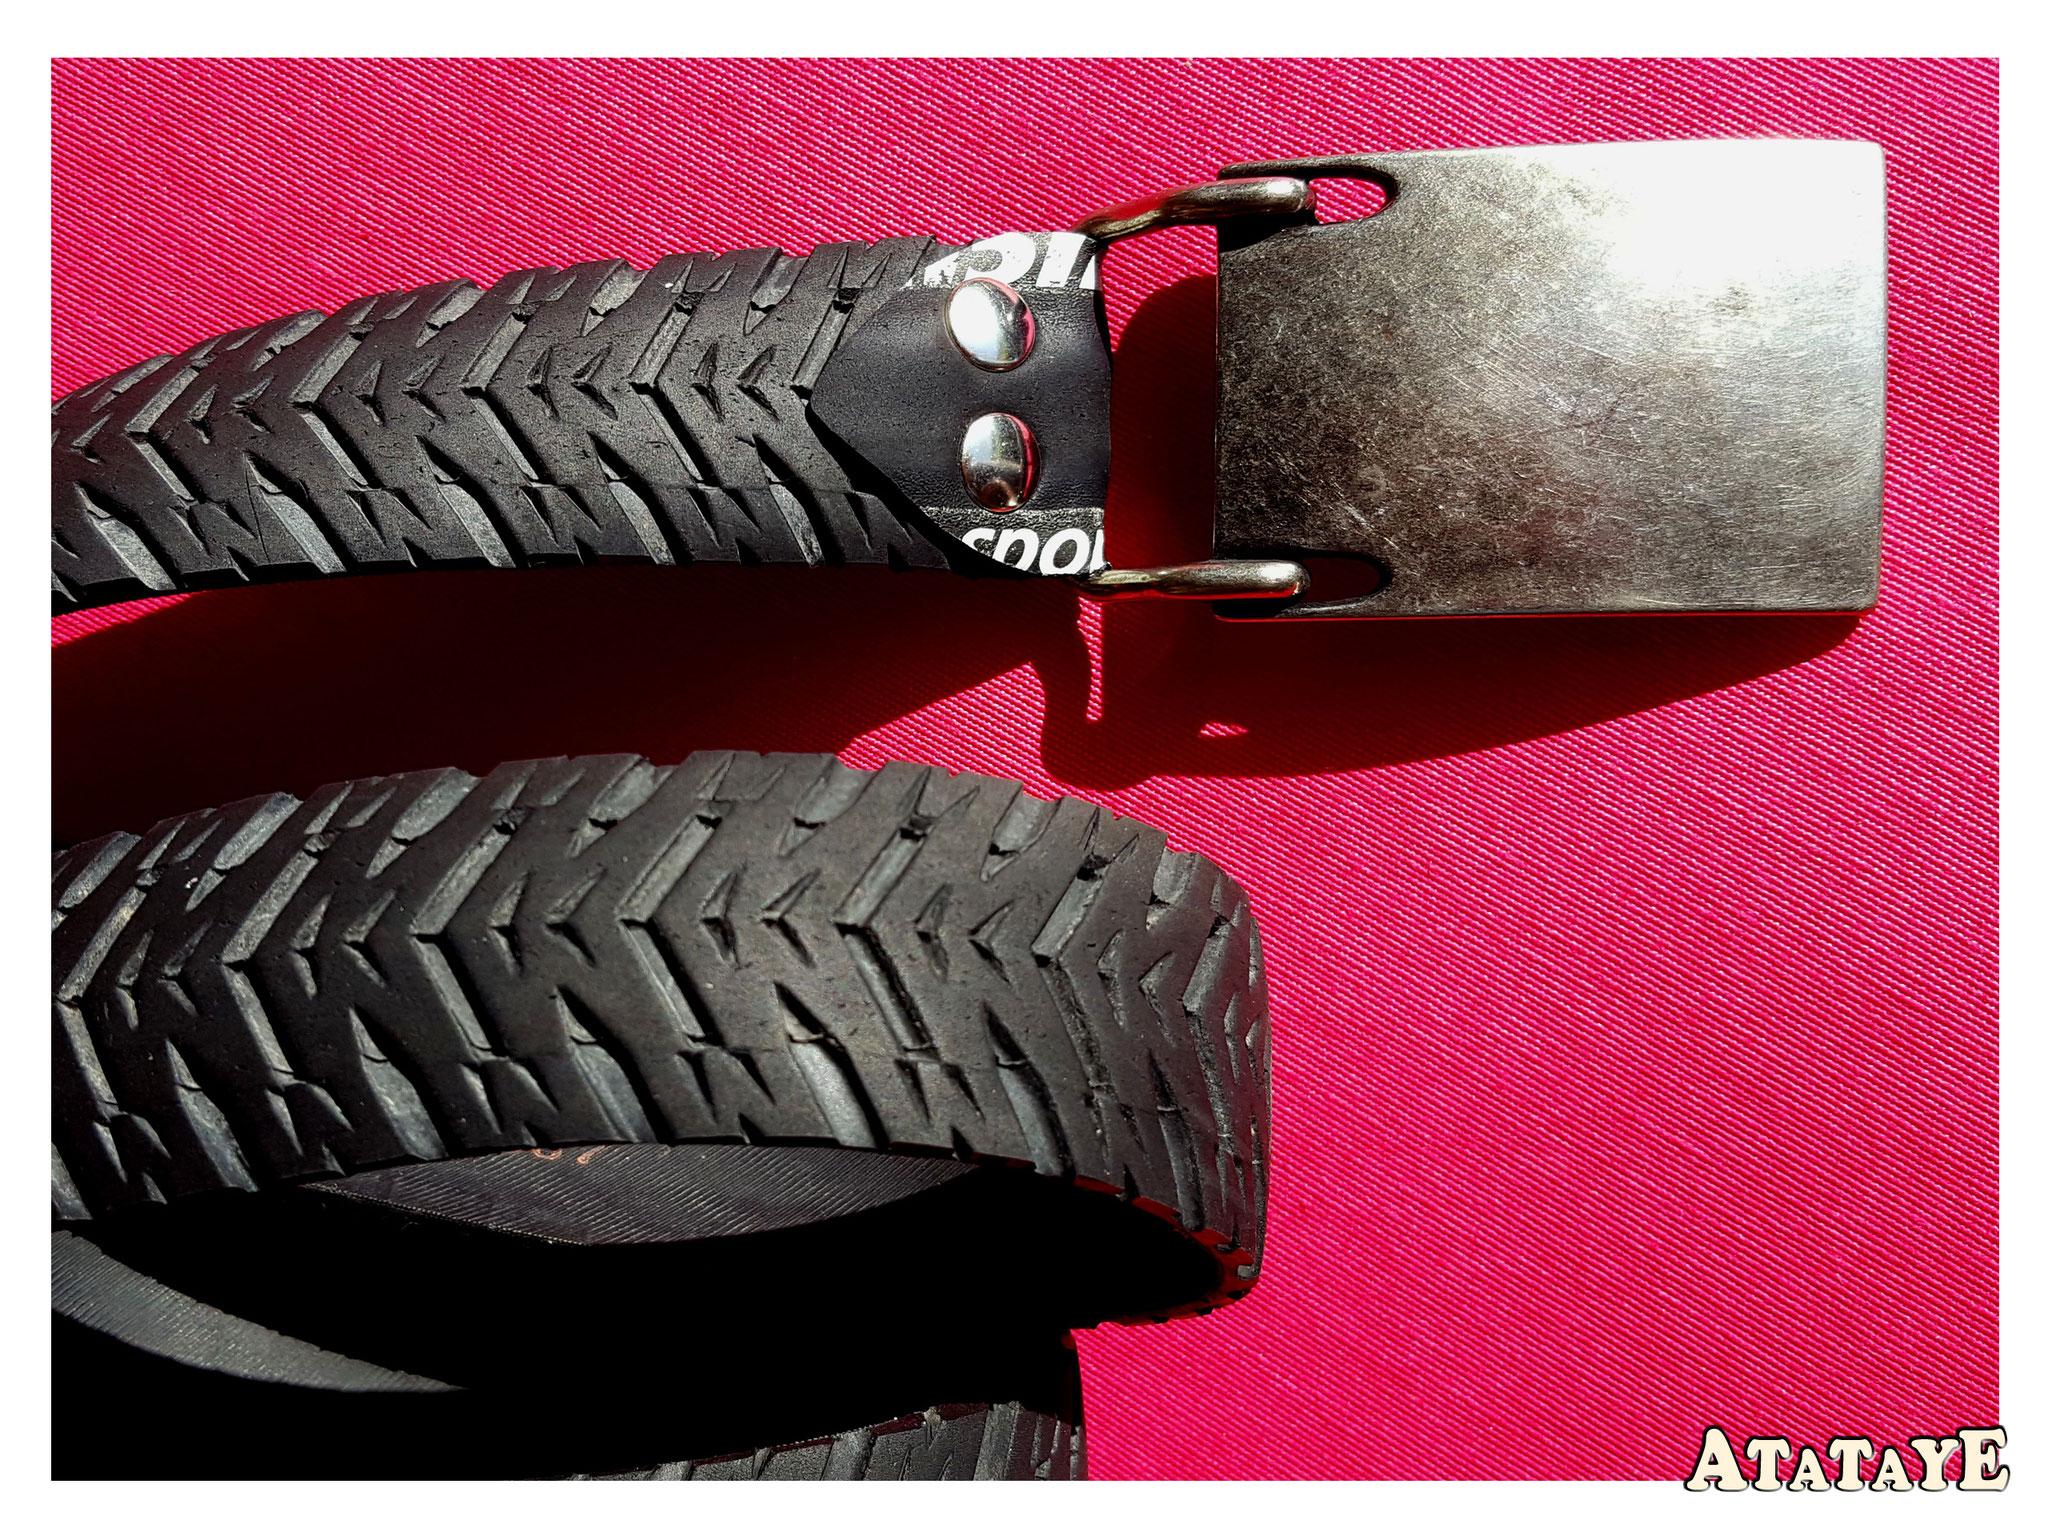 Atataye - Nouvelle vie pour cette gomme BMX.